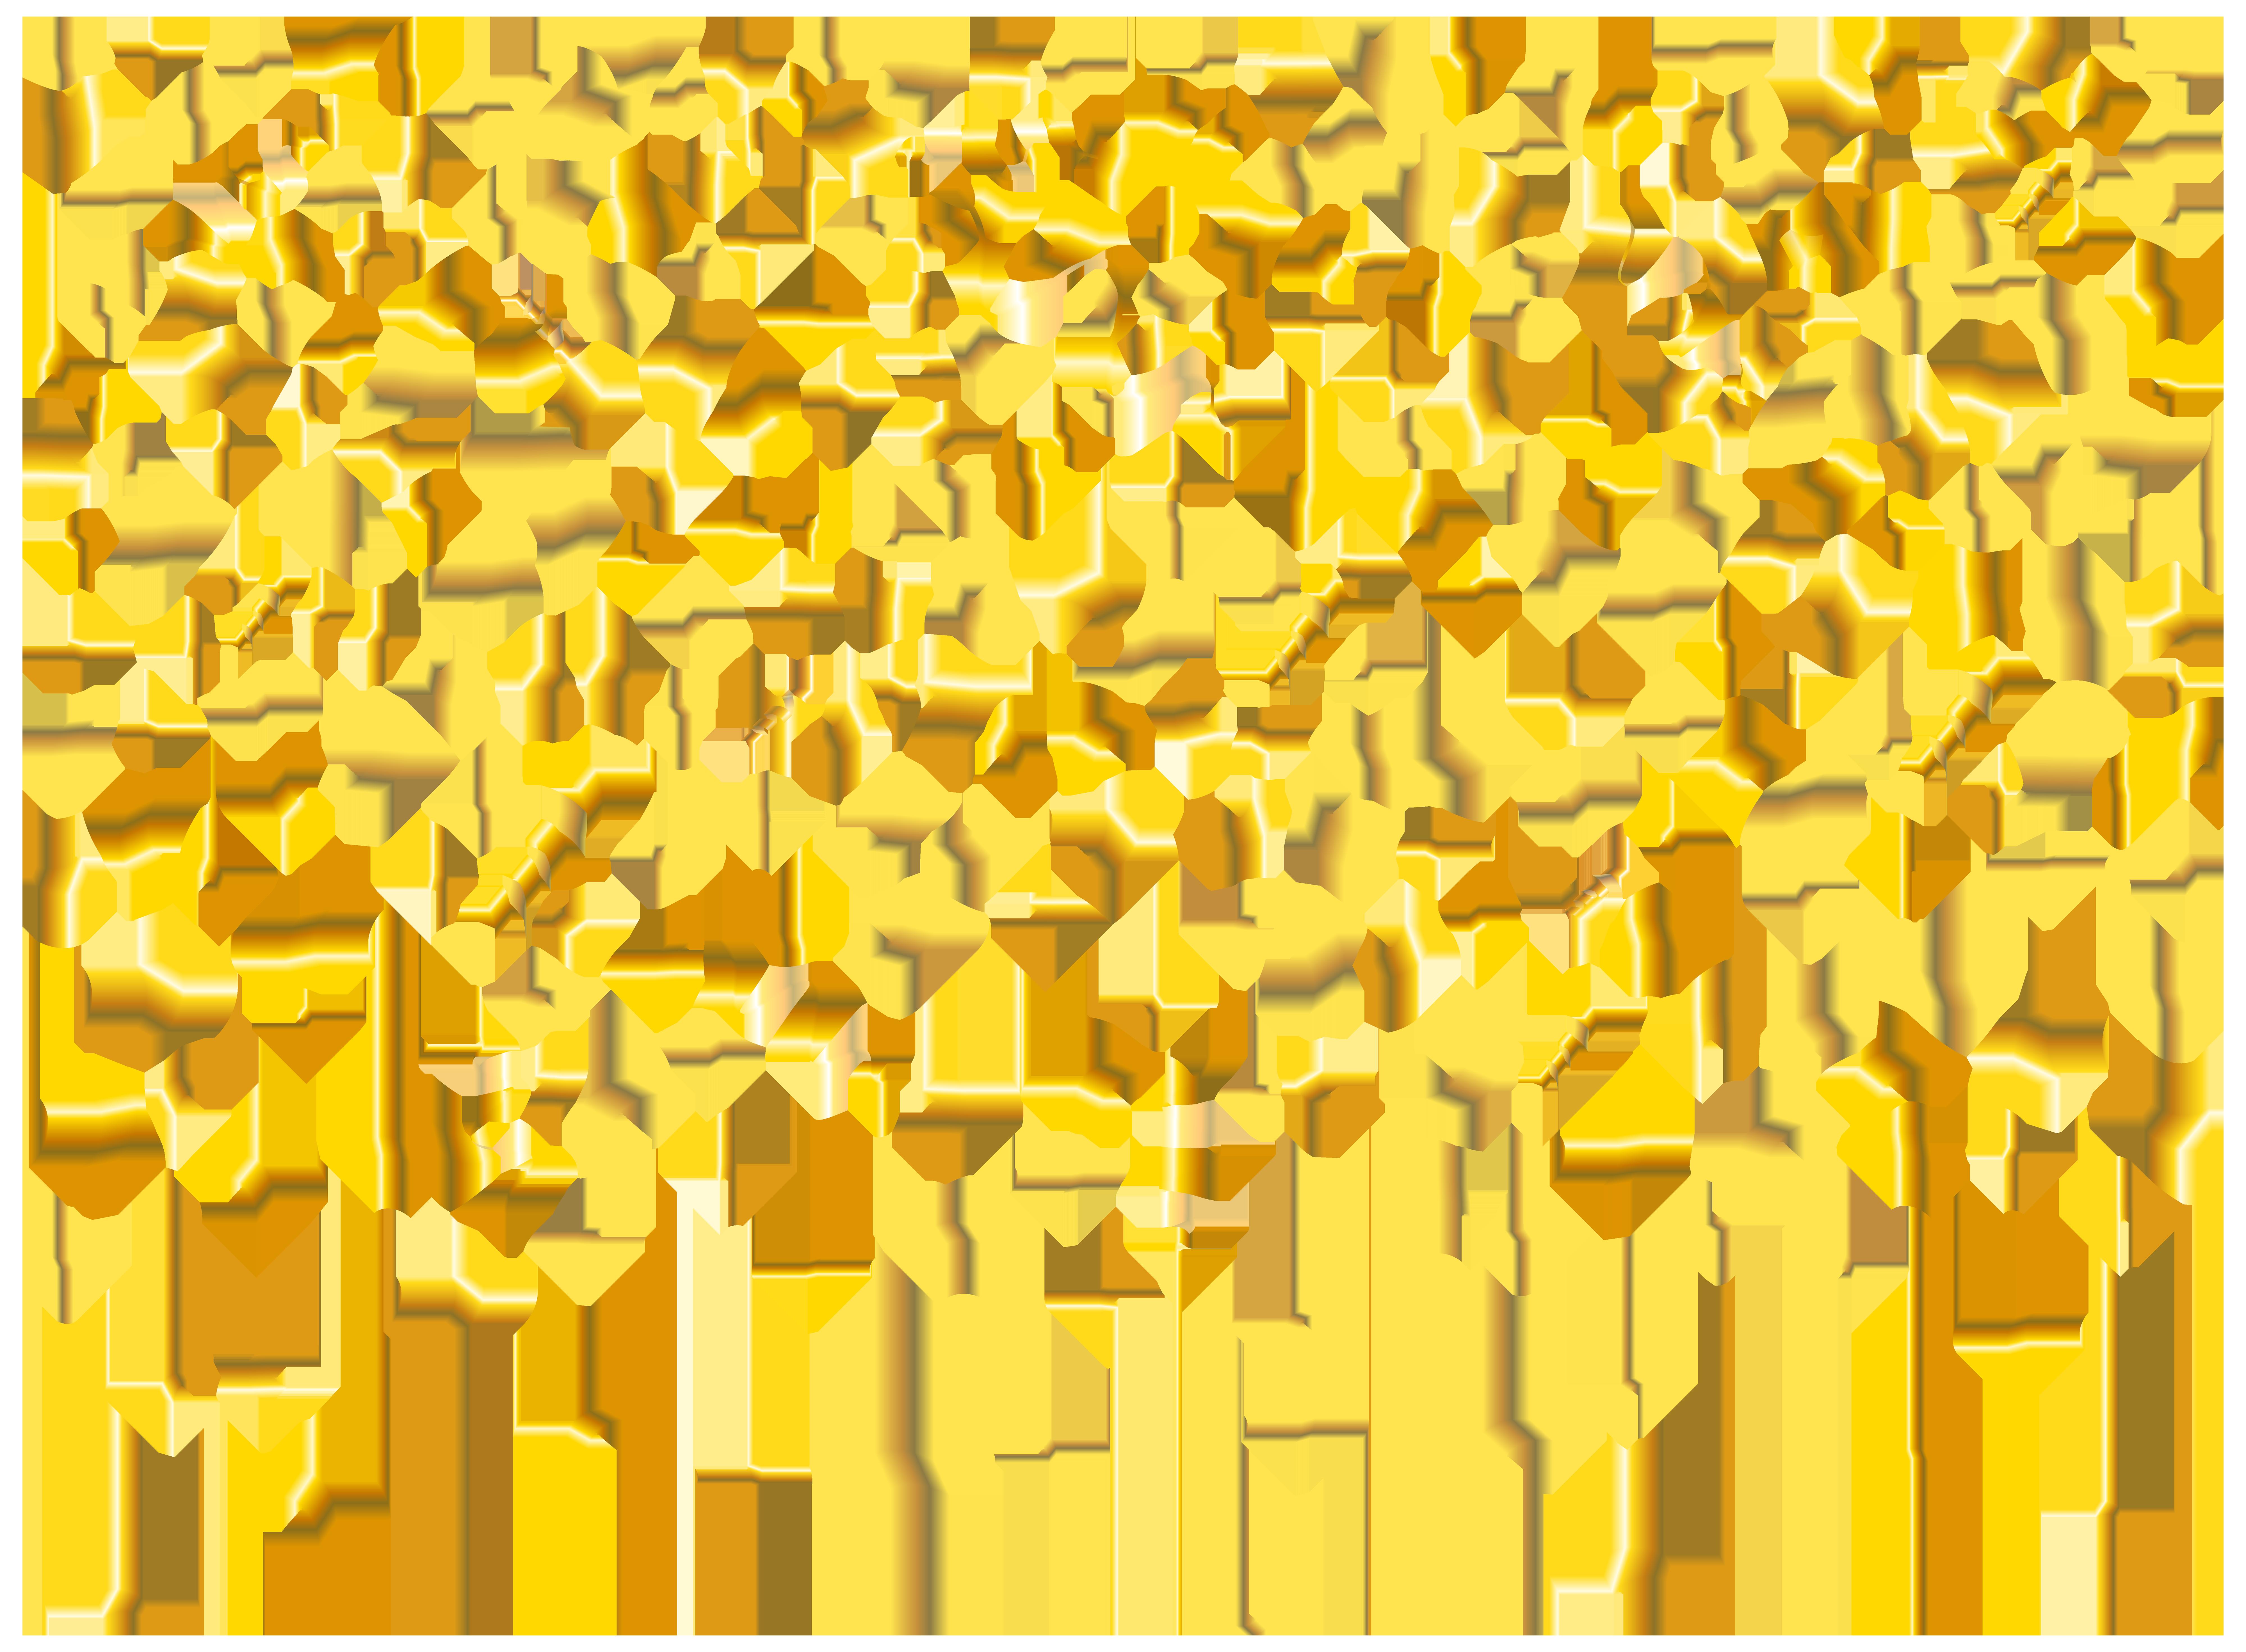 Confetti Clipart #28128-Confetti Clipart #28128-14